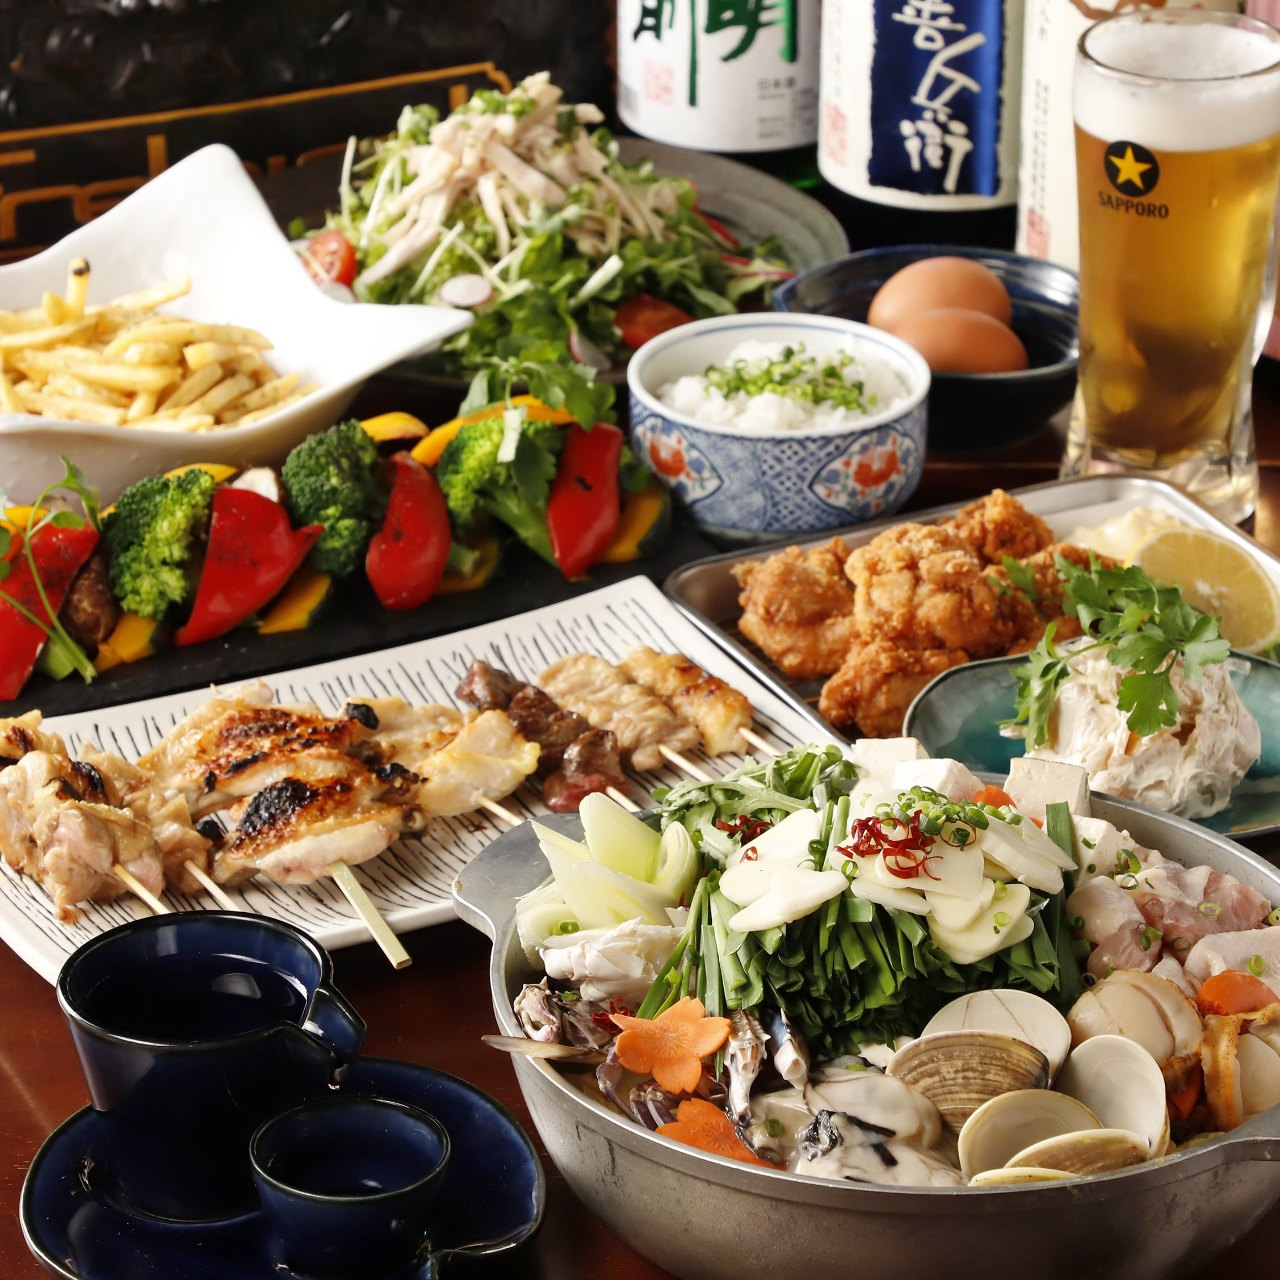 【2時間飲み放題付】料理8品 自慢の鶏料理を堪能!お得な季節の宴会コース